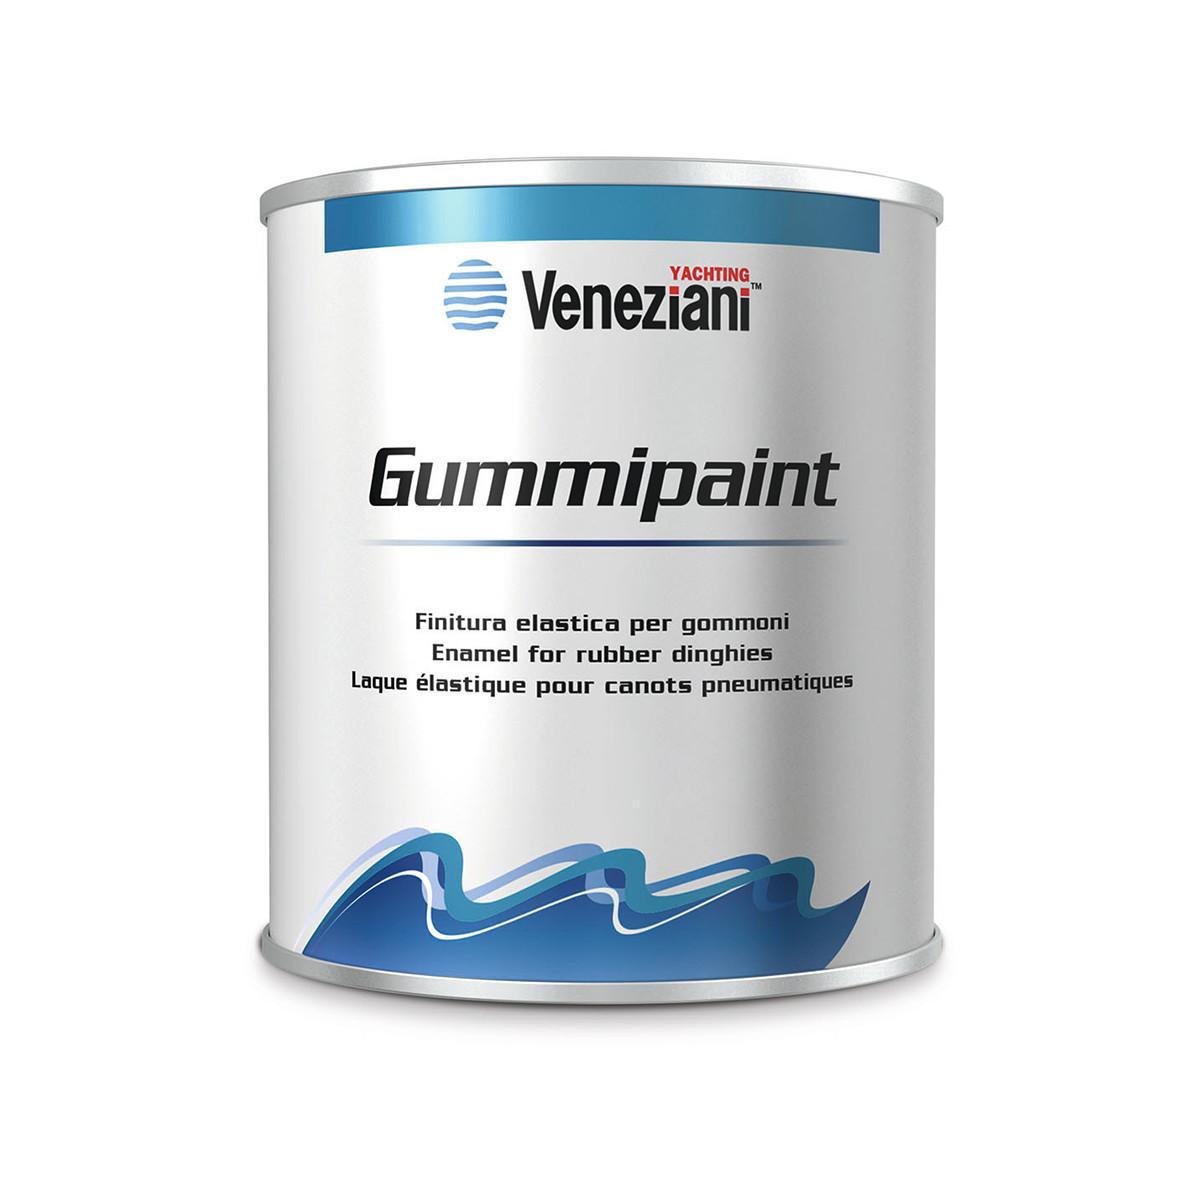 Veneziani Gummipaint lak voor opblaasbare boten - geel 246, 500ml